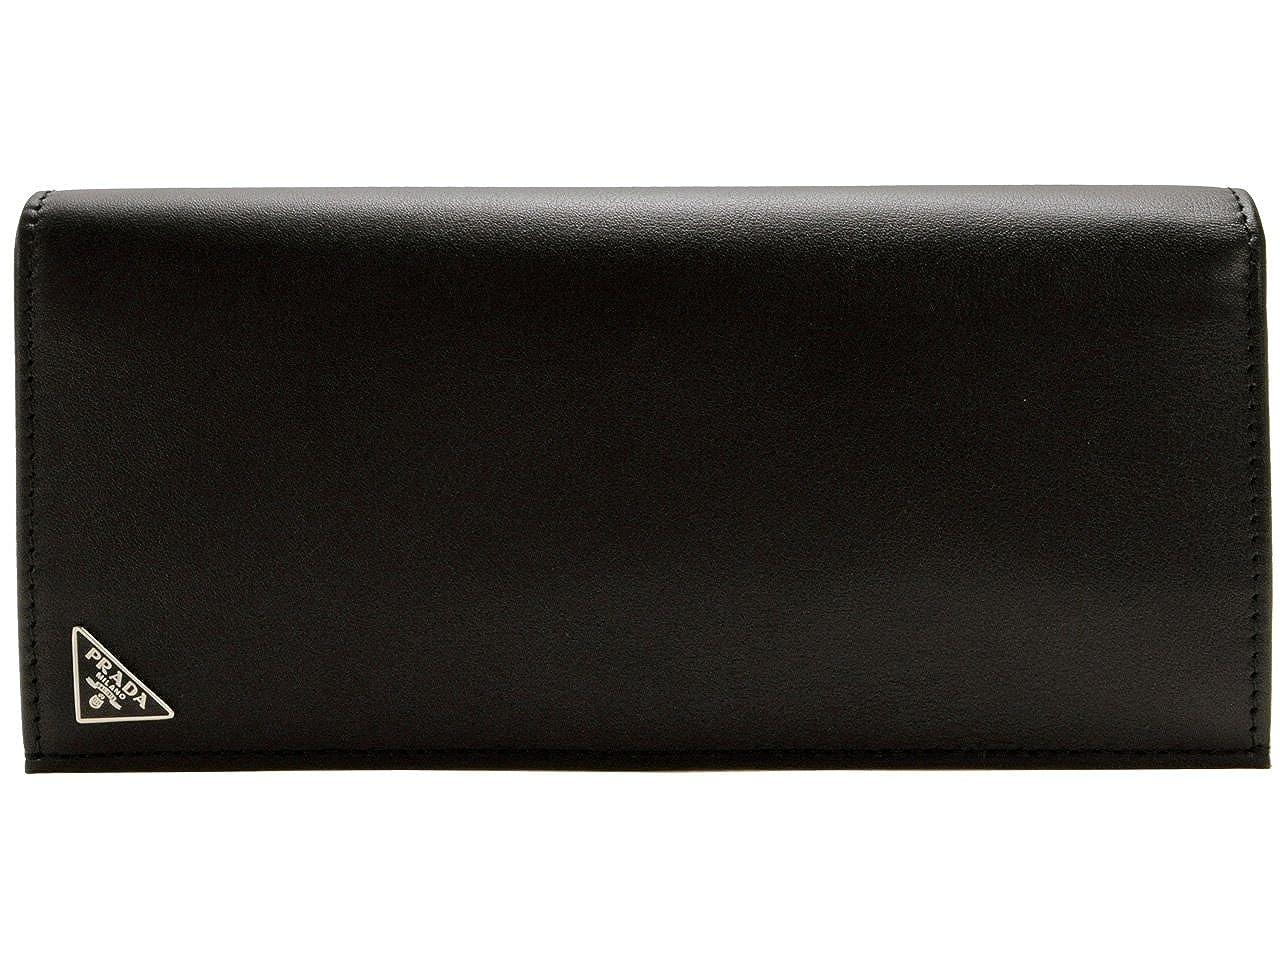 (プラダ) PRADA 財布 長財布 二つ折り メンズ ブラック レザー 2mv836vit-nero ブランド [並行輸入品] B01LYID5TR